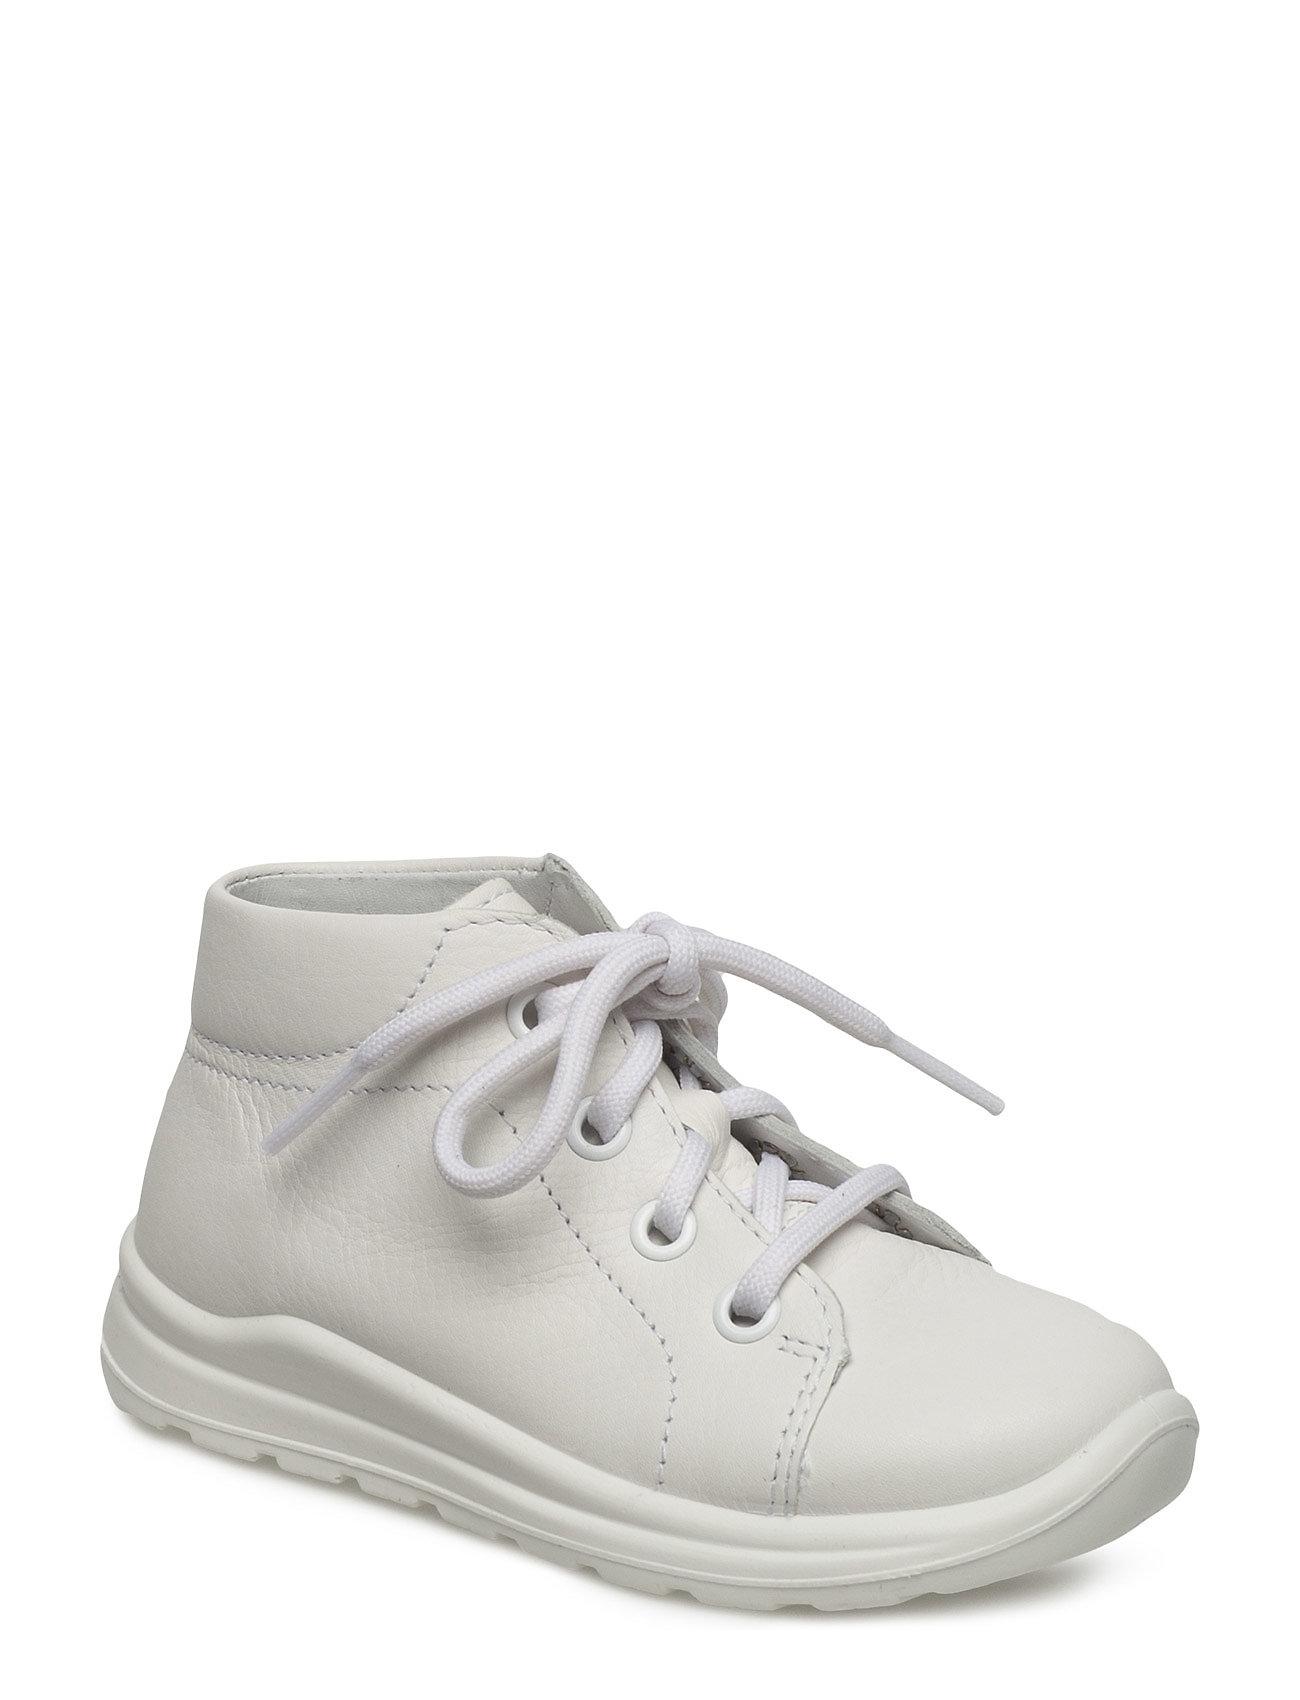 Mel First Shoes Superfit Sko & Sneakers til Børn i hvid